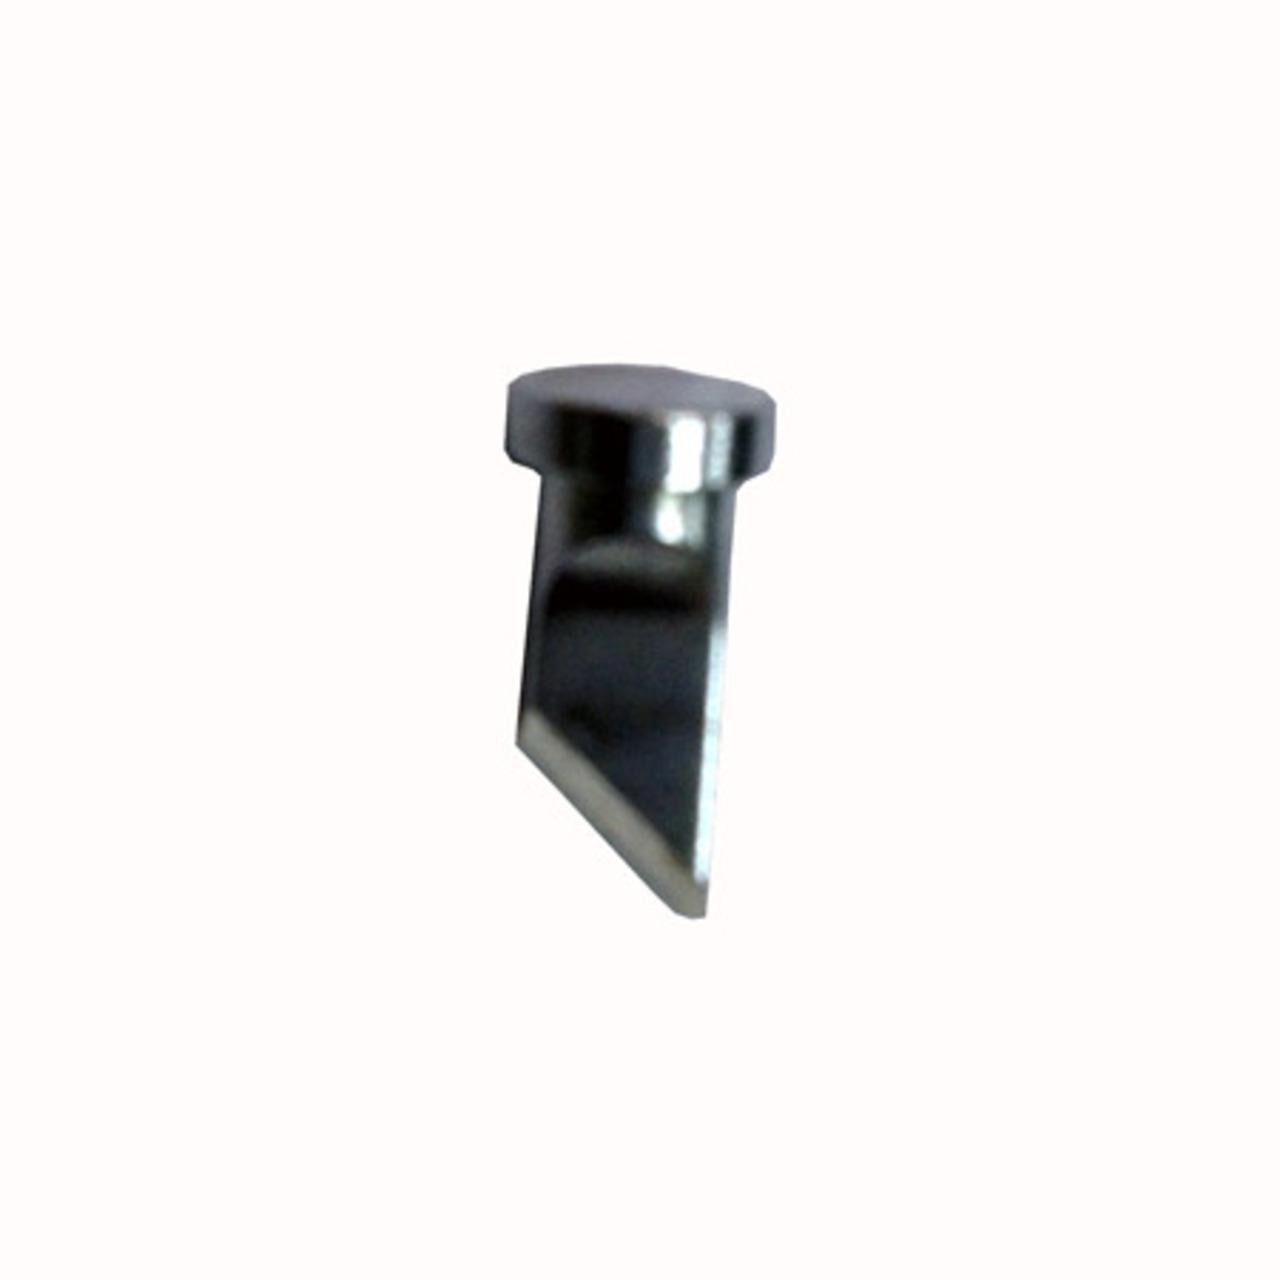 Ersatz-Lötspitze 45- angeschrägt 4-8 mm für Lötkolben 307A und 307B